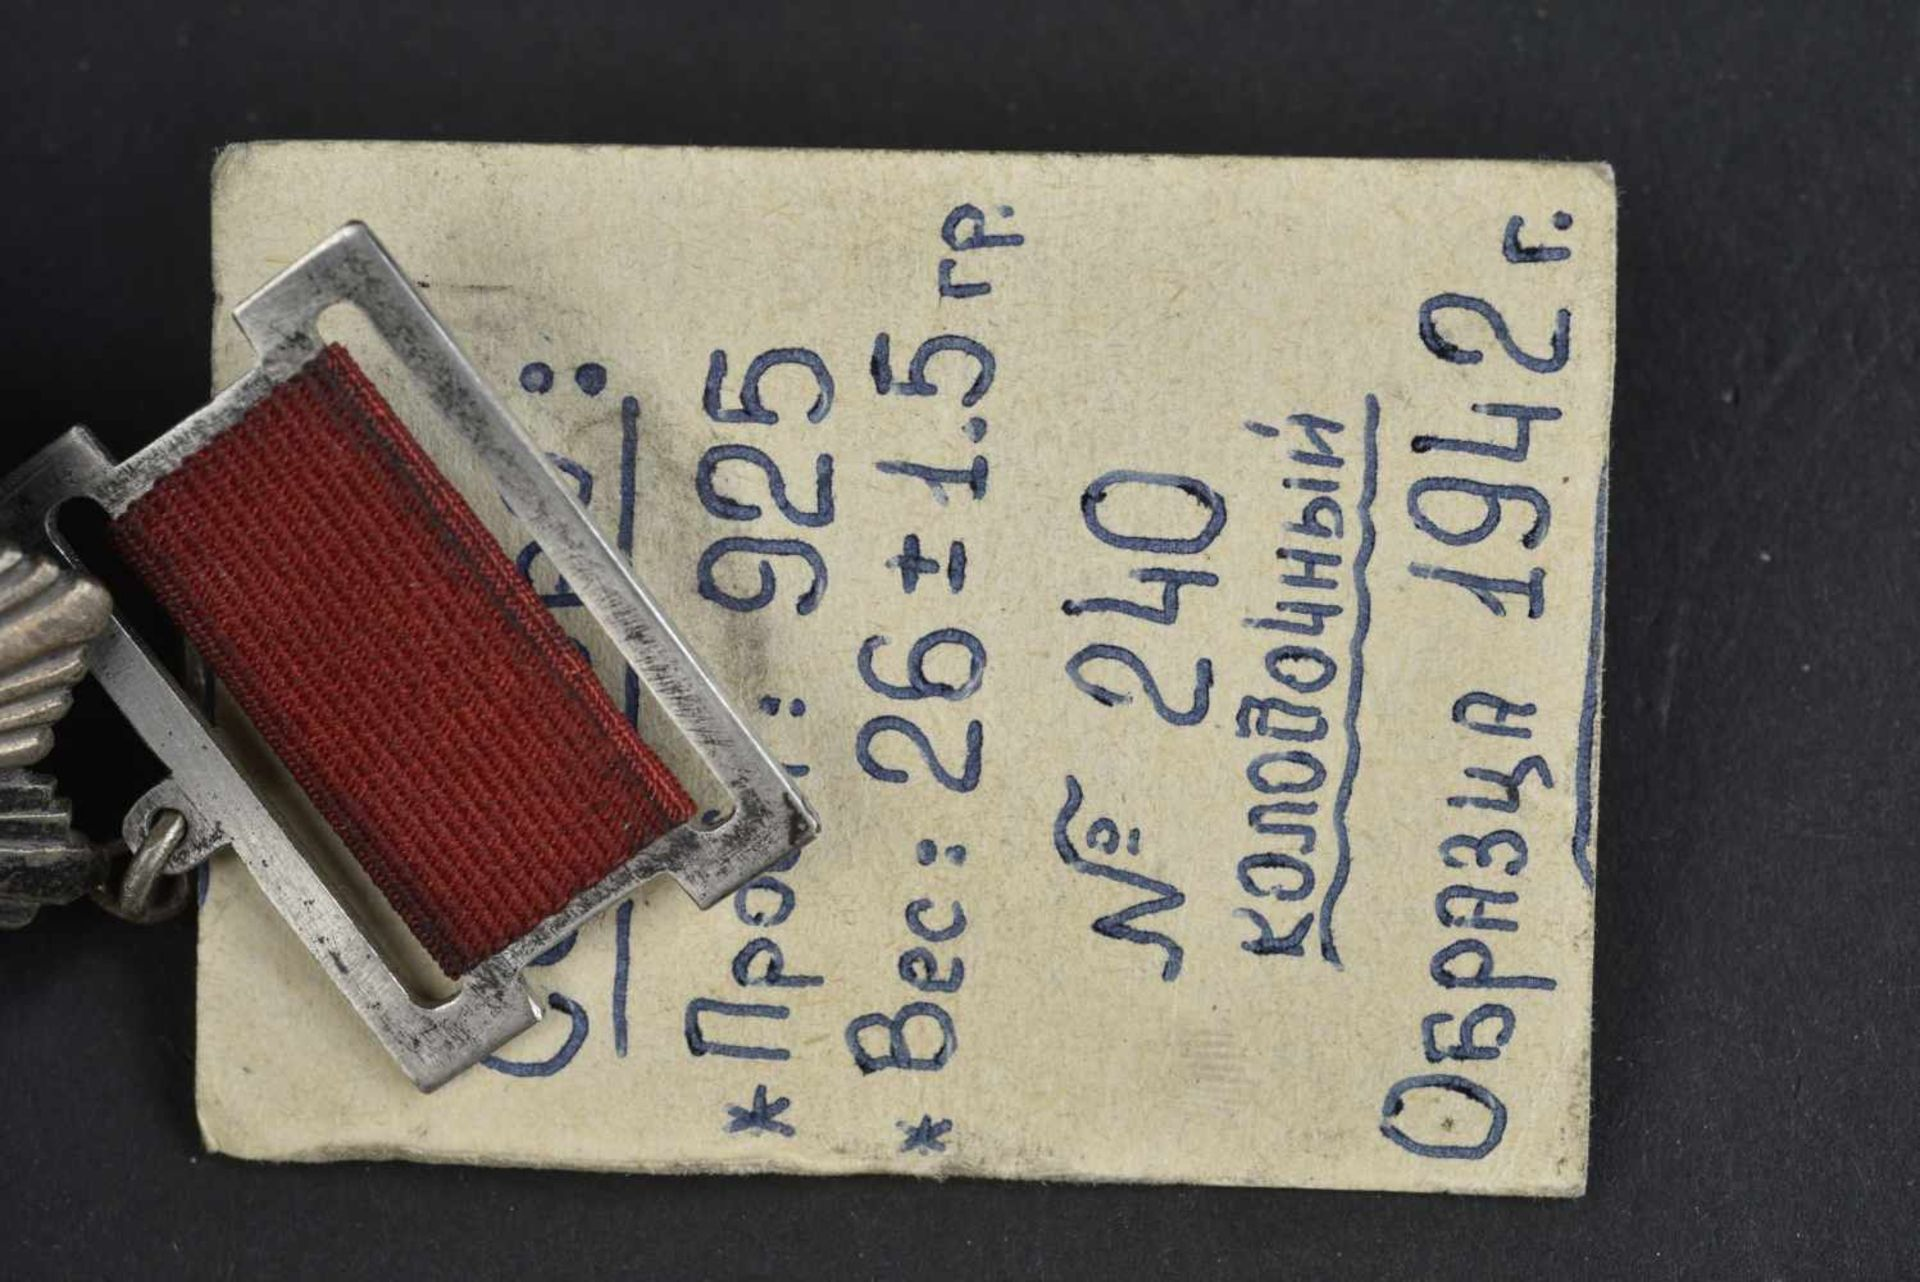 Ordre de Kutuzov Ordre de troisième classe, complet encore sur son fond carton comportant les - Bild 2 aus 4